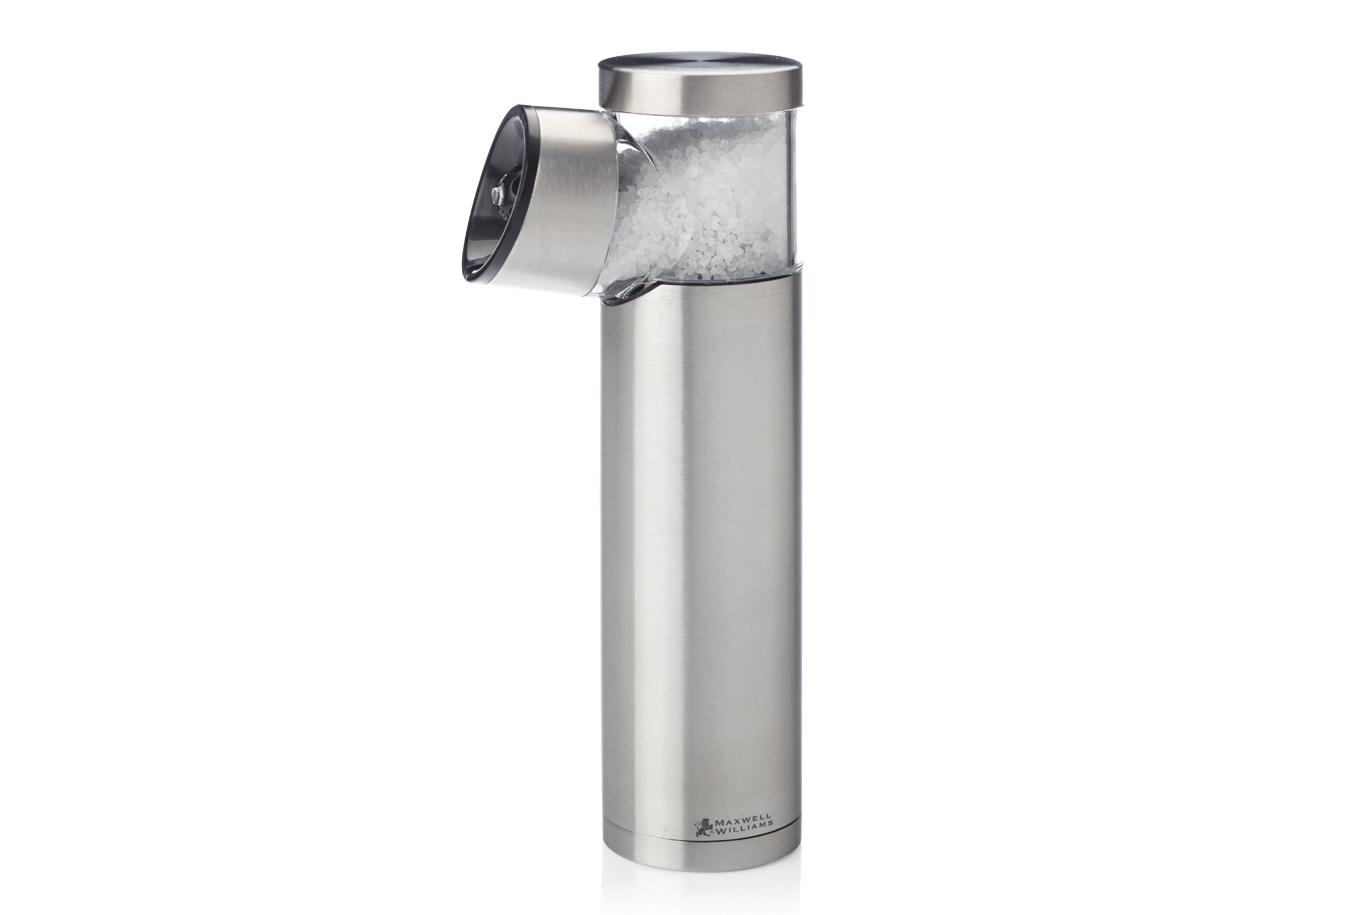 GRAVITY elektrický mlynček na soľ, 19,5 cm, nerez